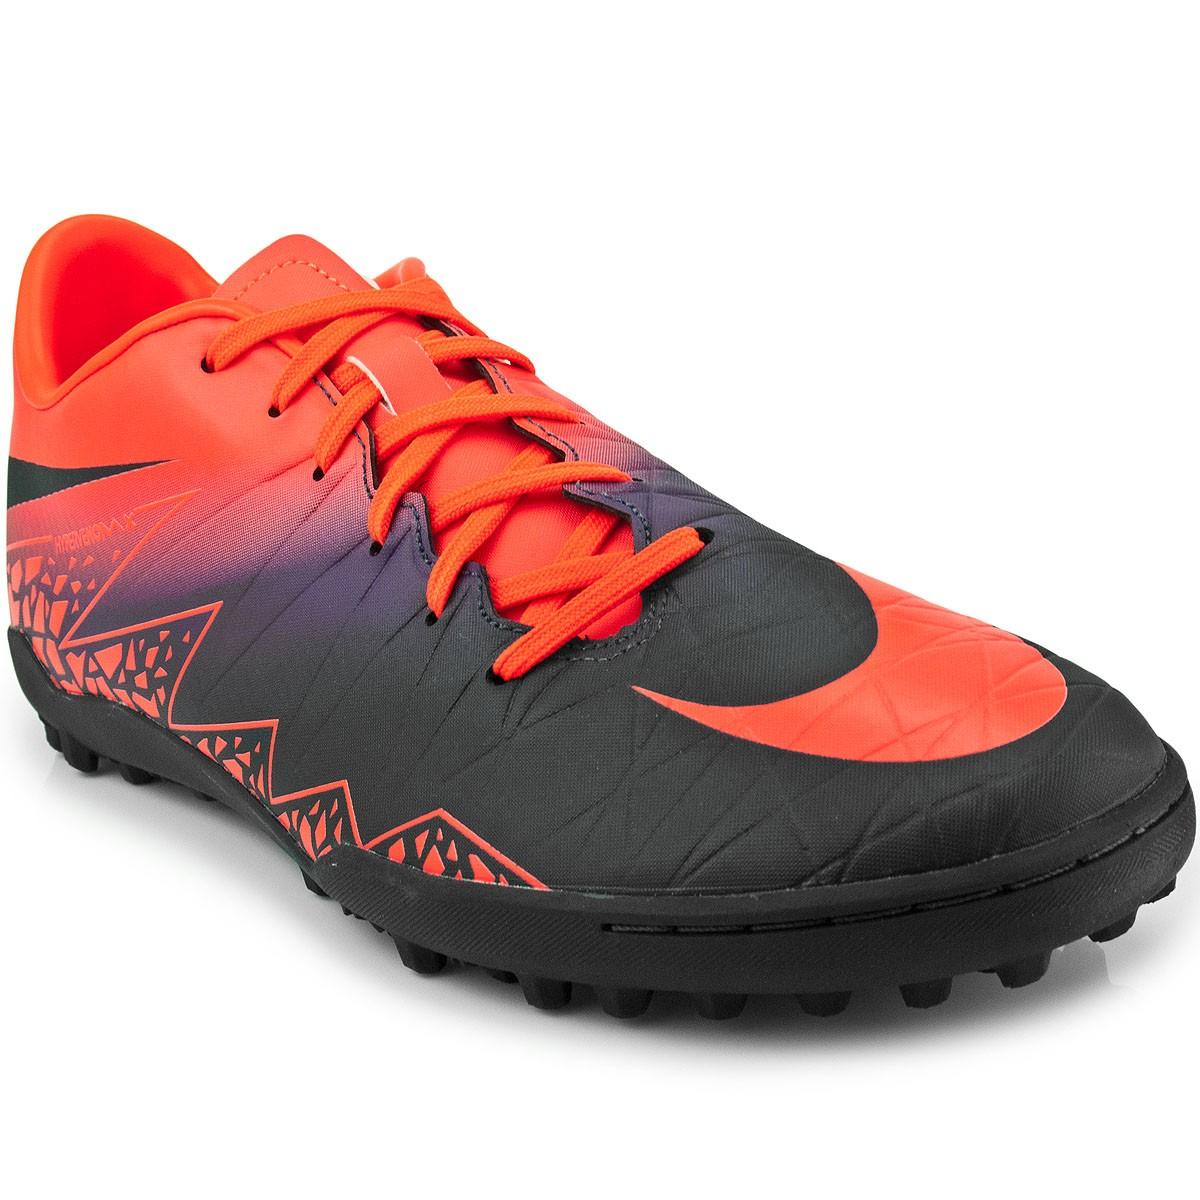 864d1eafe6 Chuteira Nike Hypervenom Phelon II TF